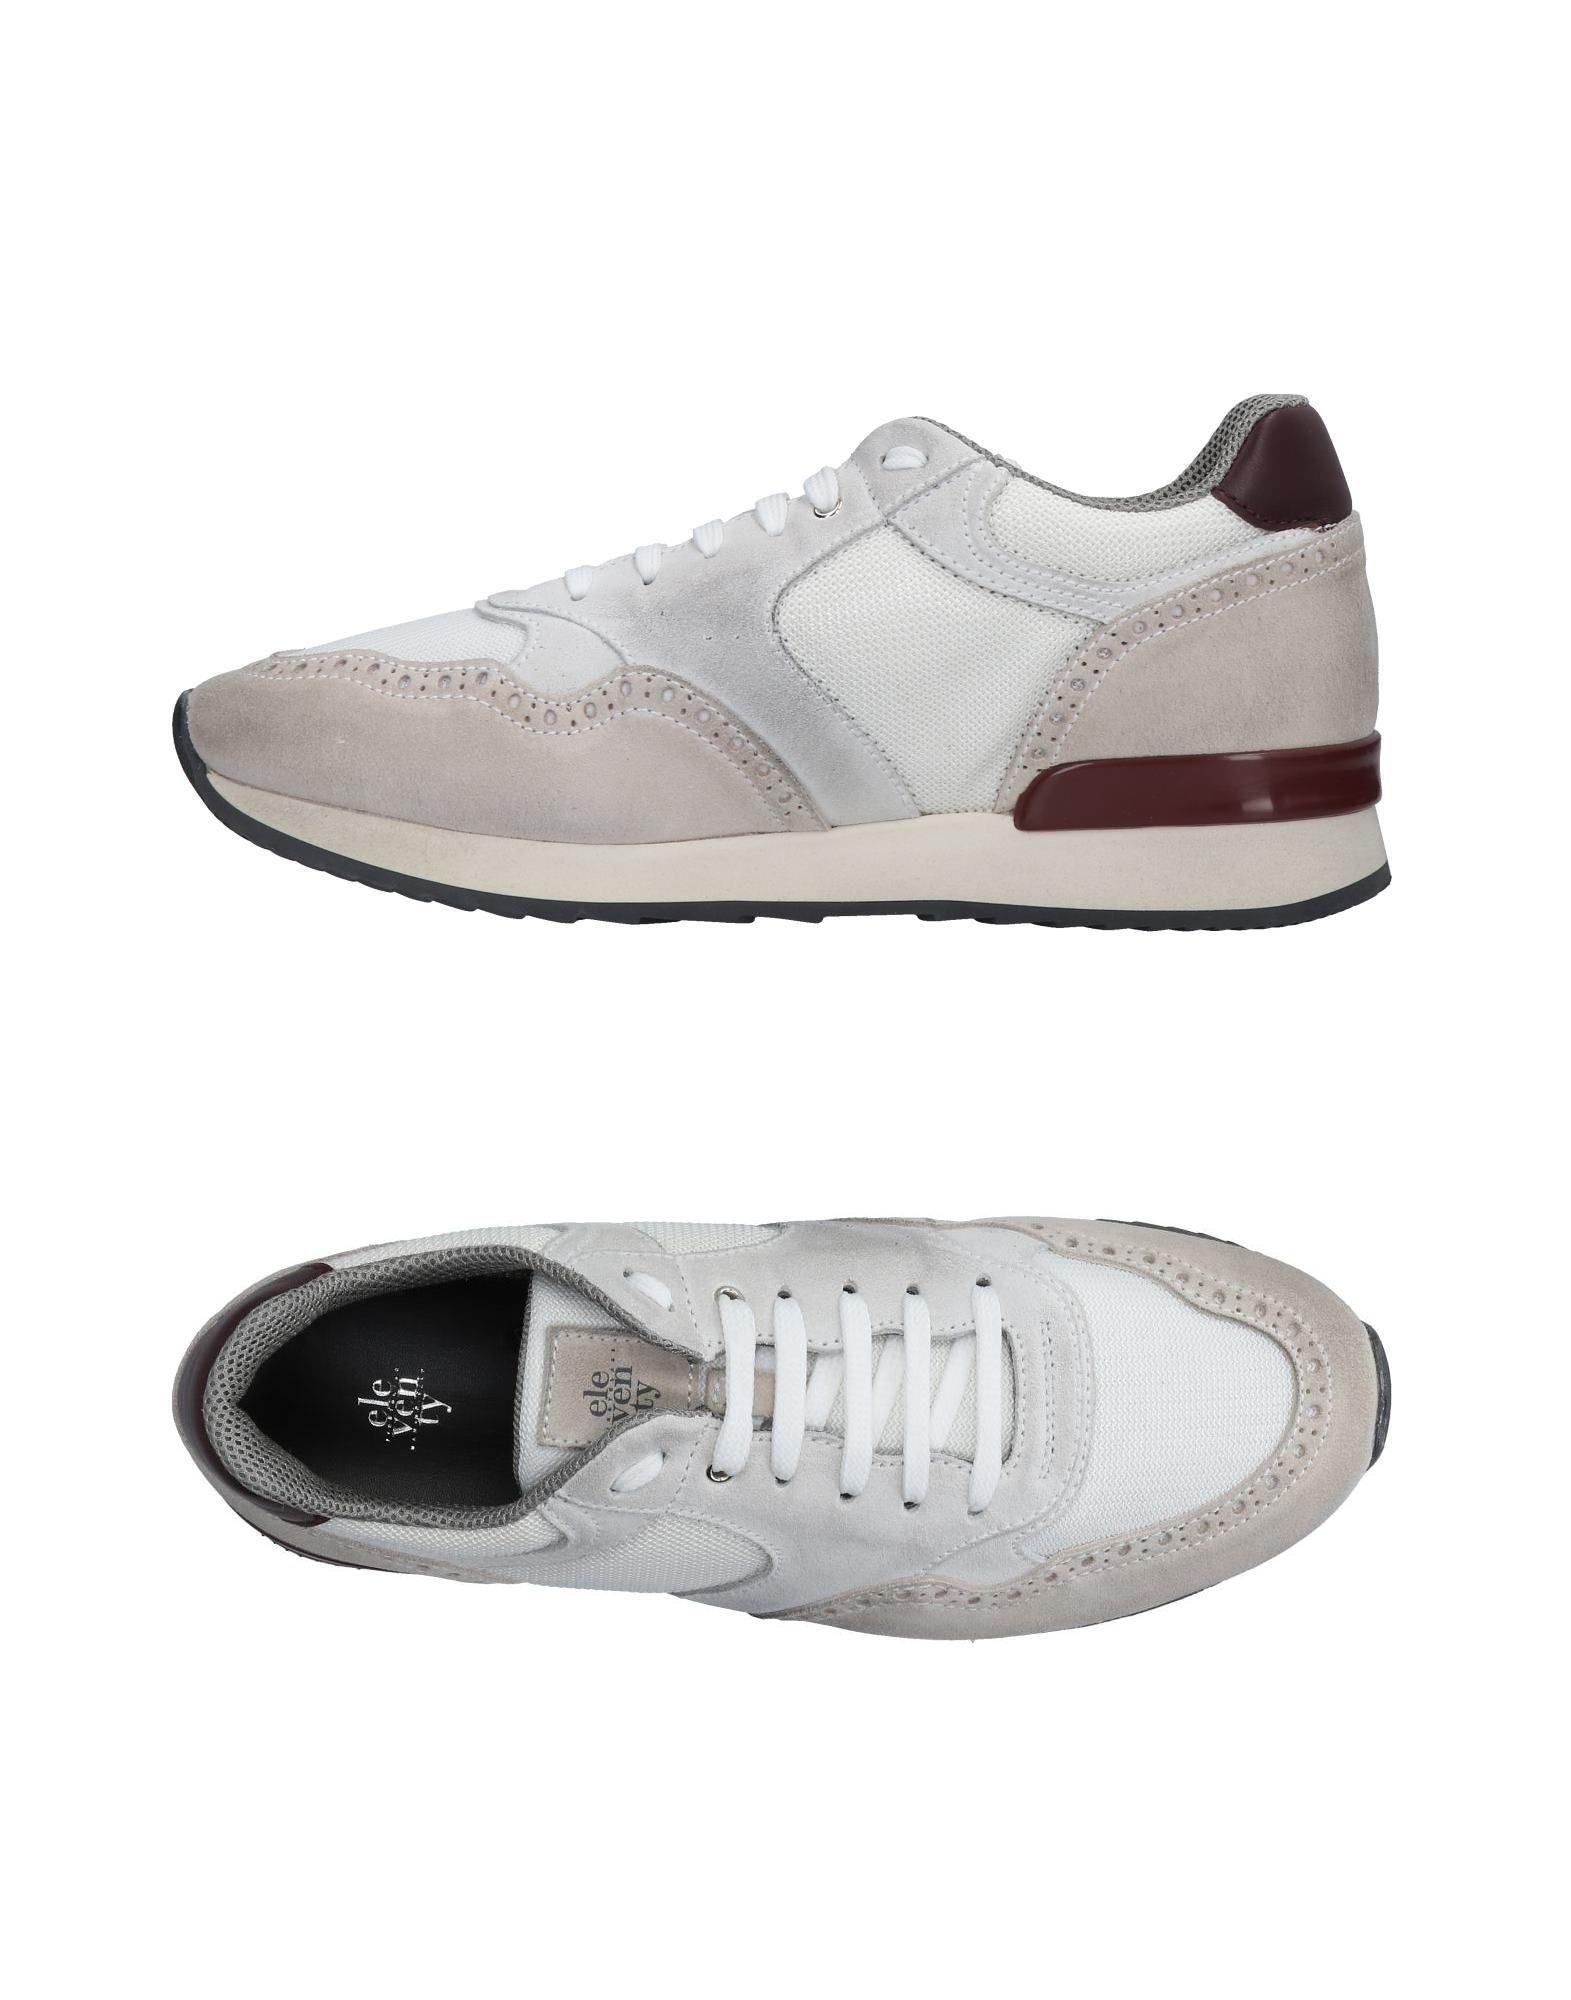 《送料無料》ELEVENTY メンズ スニーカー&テニスシューズ(ローカット) ホワイト 43 革 / 紡績繊維